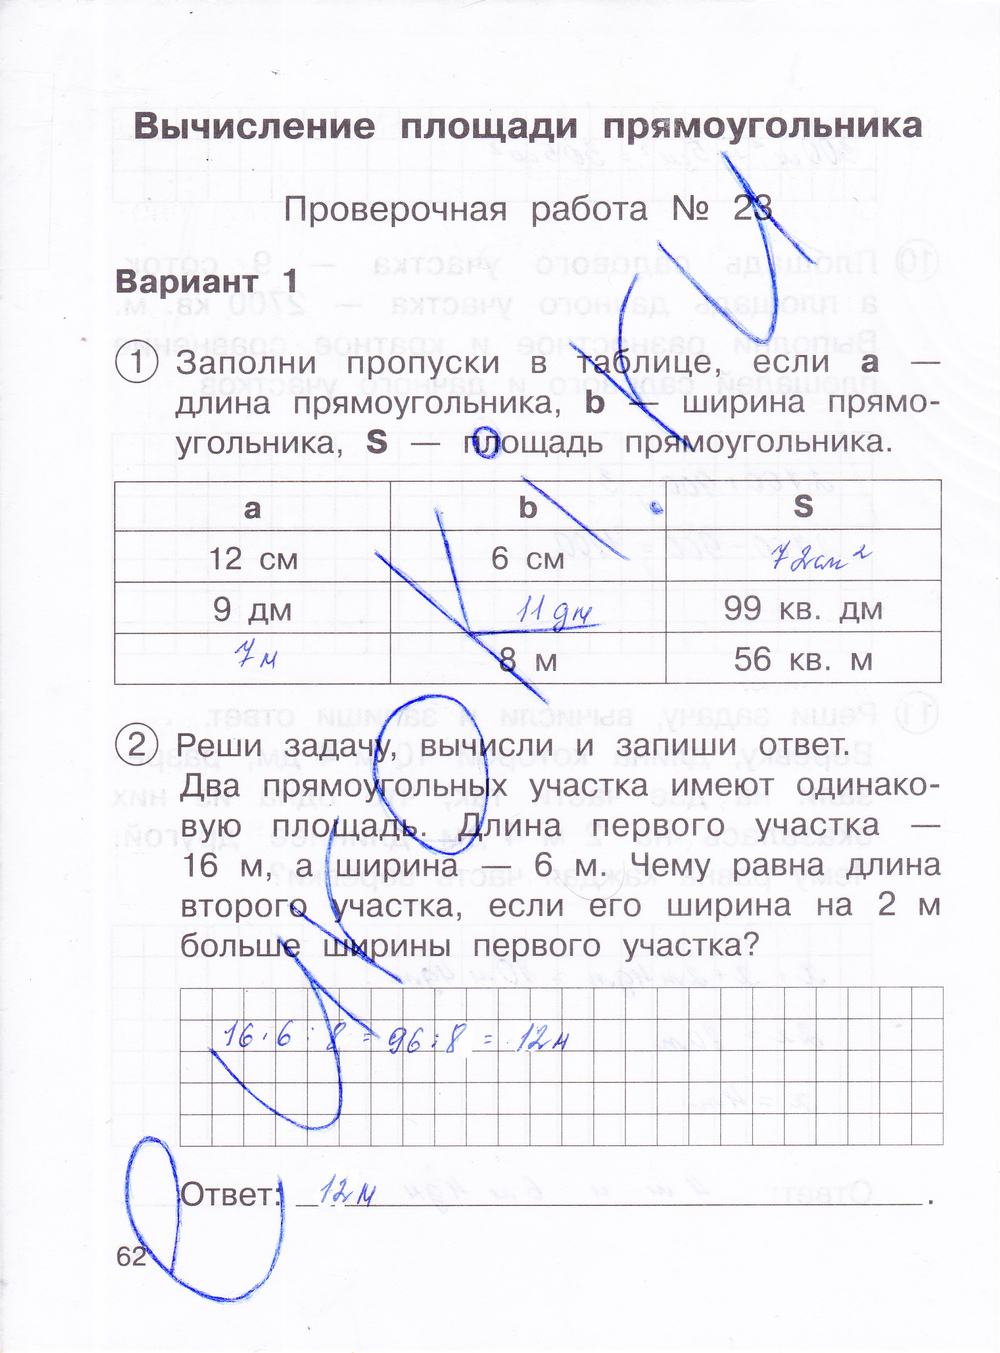 гдз по математике 2 класс чуракова 2 часть тетрадь для контрольных работ по